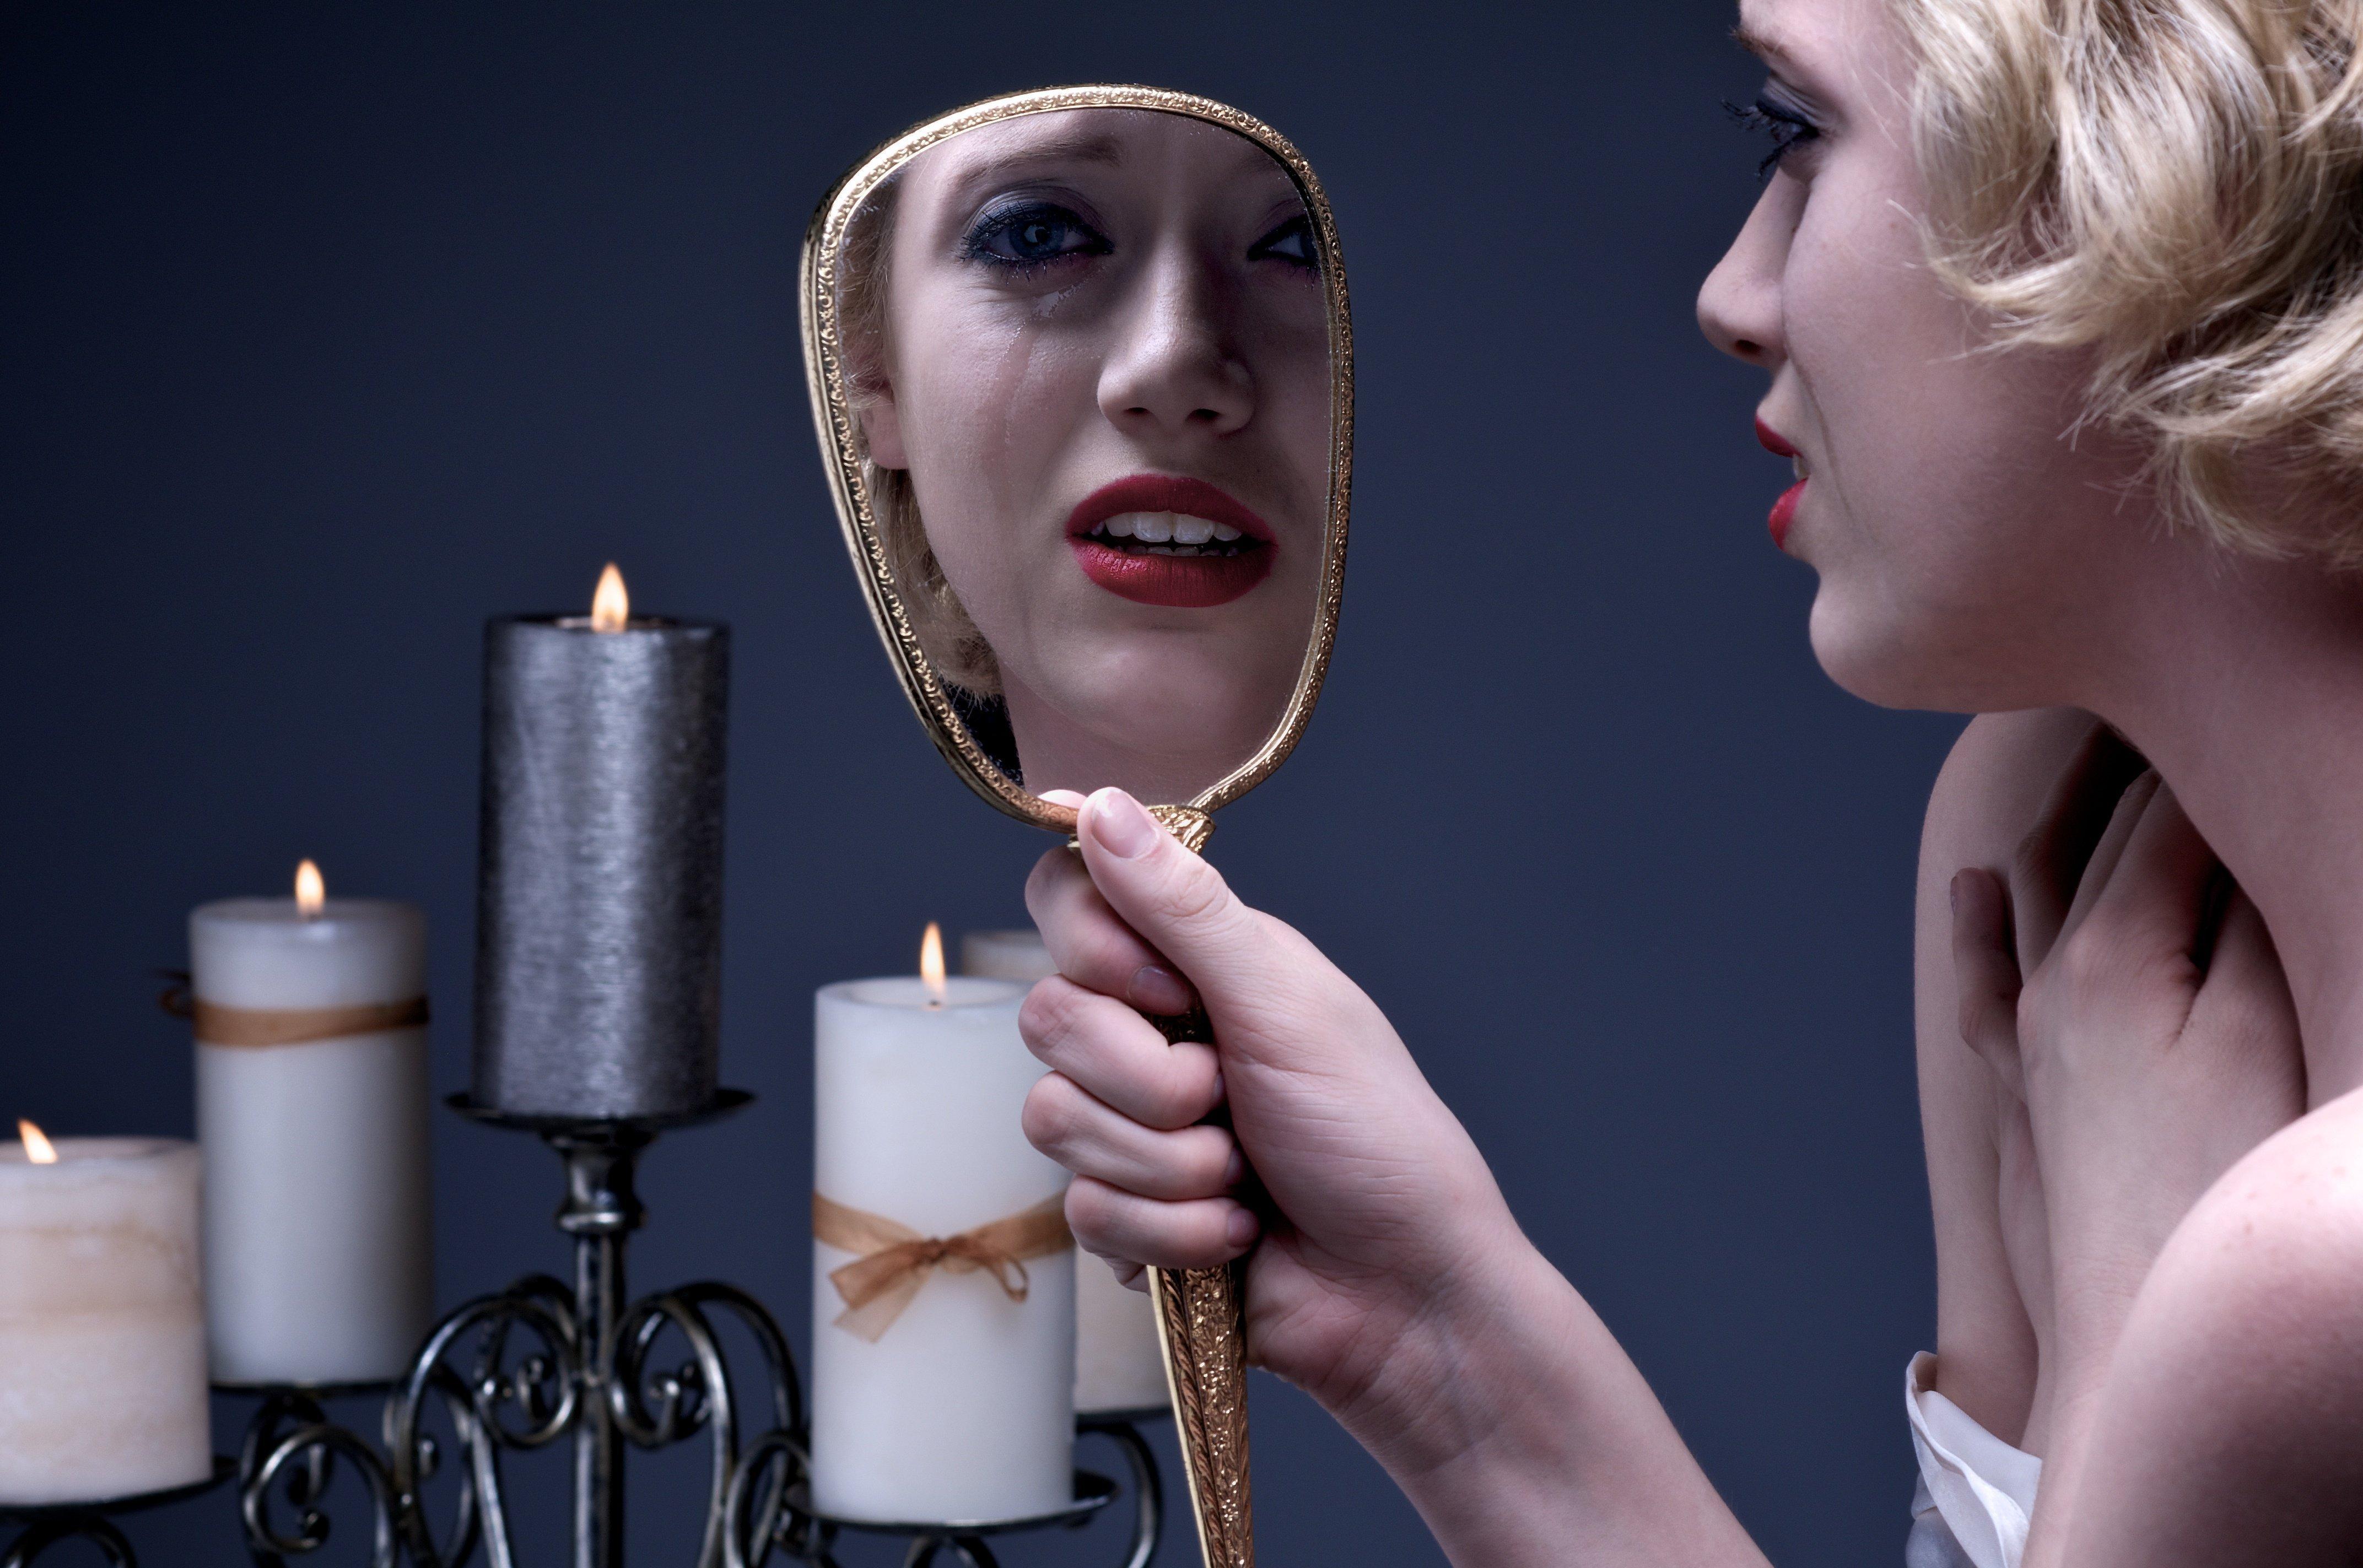 სარკეში უარყოფითი ემოციები აისახება და შემდეგ გაორმაგებული ენერგიით ბრუნდება უკან